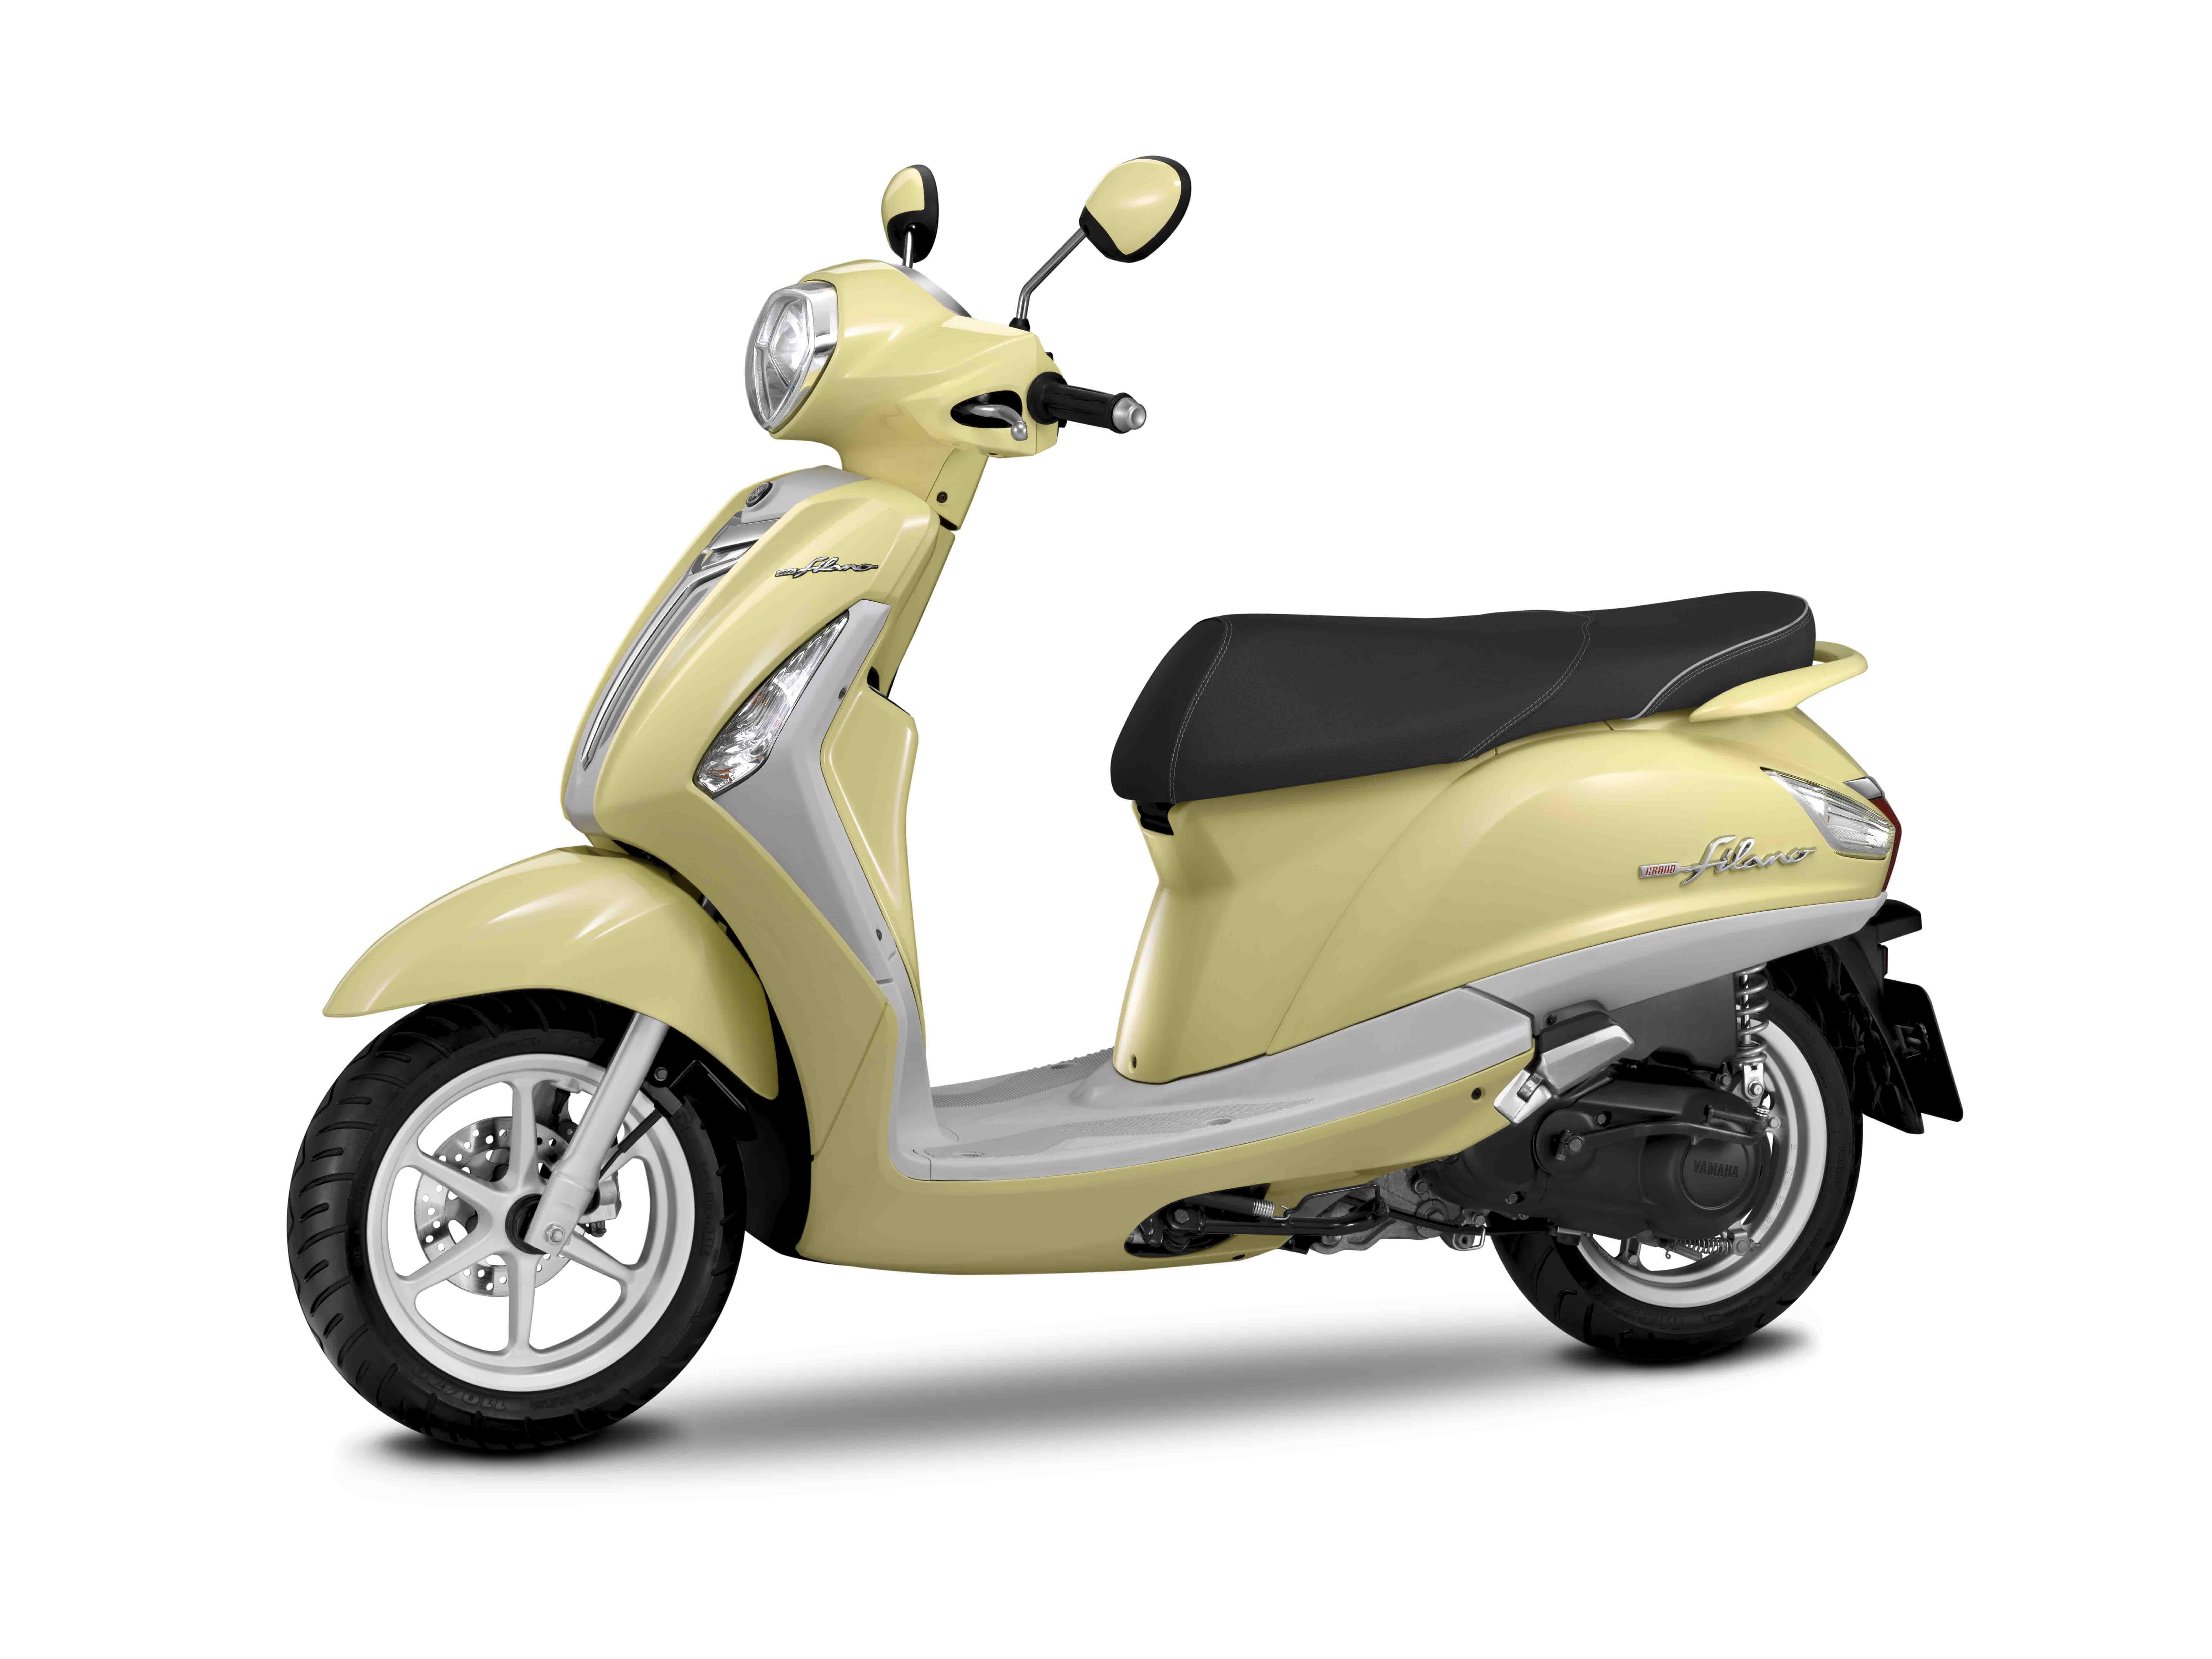 Yamaha Grand Filano Putih Khusus Jabodetabek Daftar Update Harga Fino 125 Grande Otr Banten Biru Source Kredit Motor Generasi Baru New Tersedia Dalam Dua